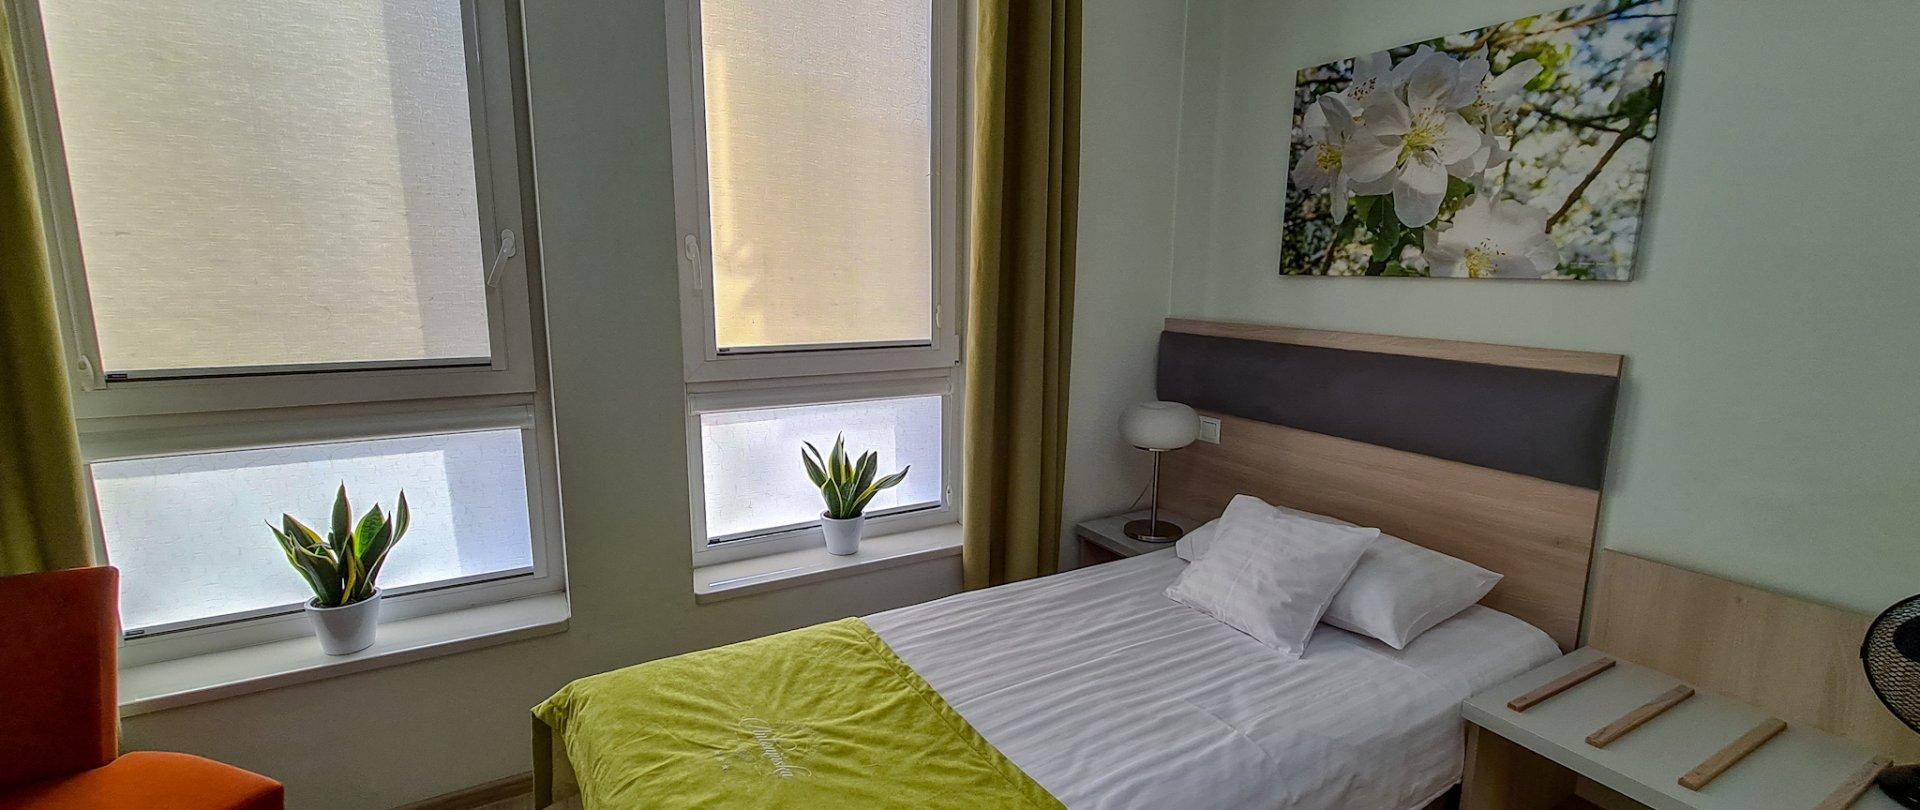 Pokój jednoosobowy w drugim budynku hotelowym